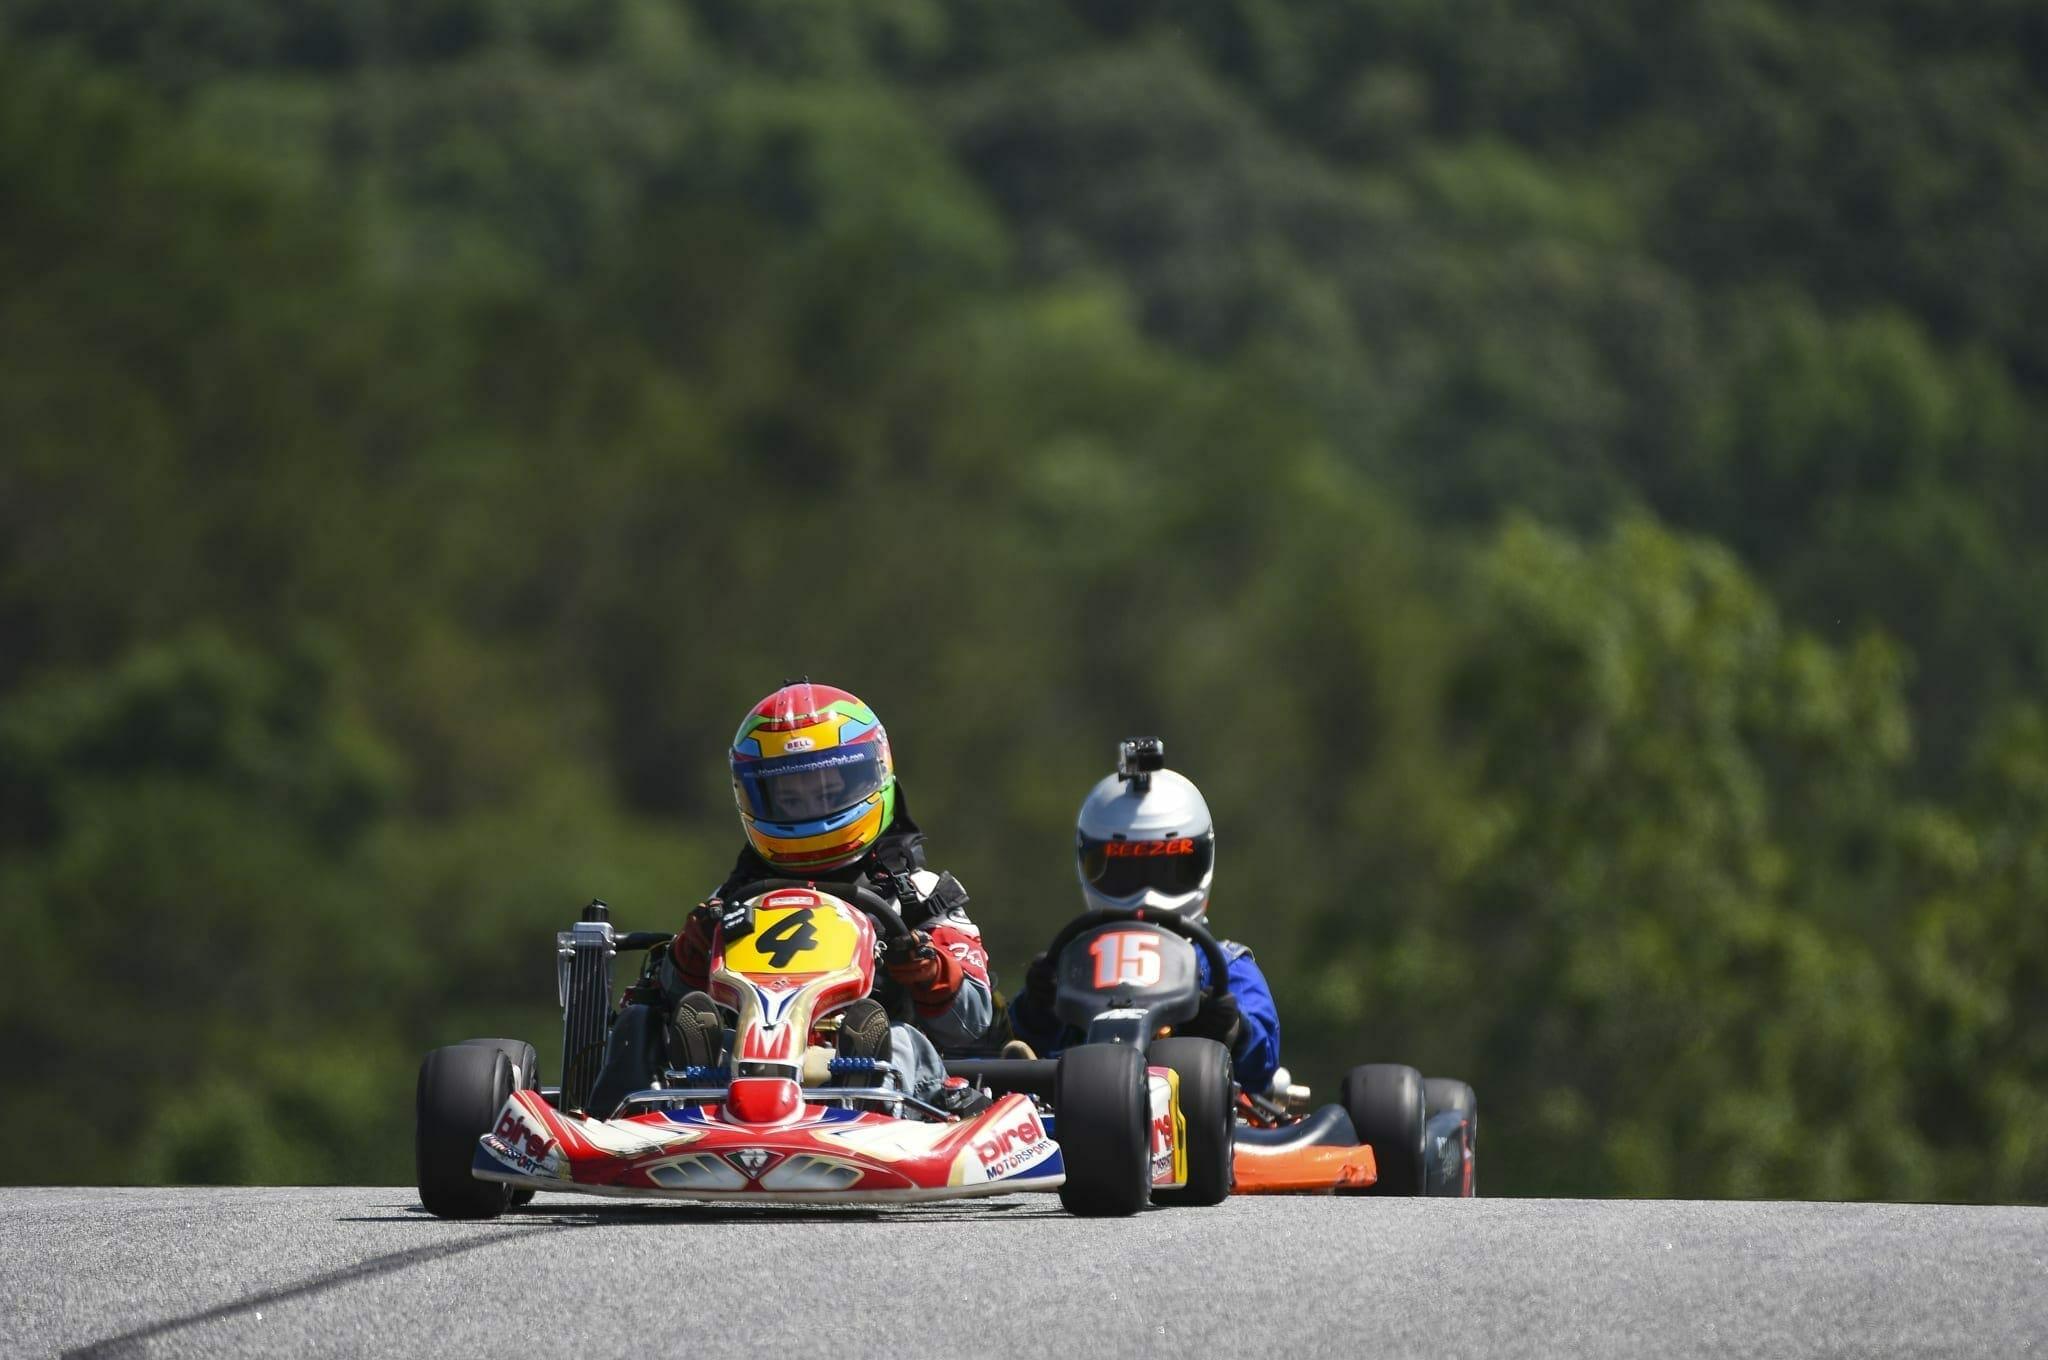 AMP FP 7 - Member Karting